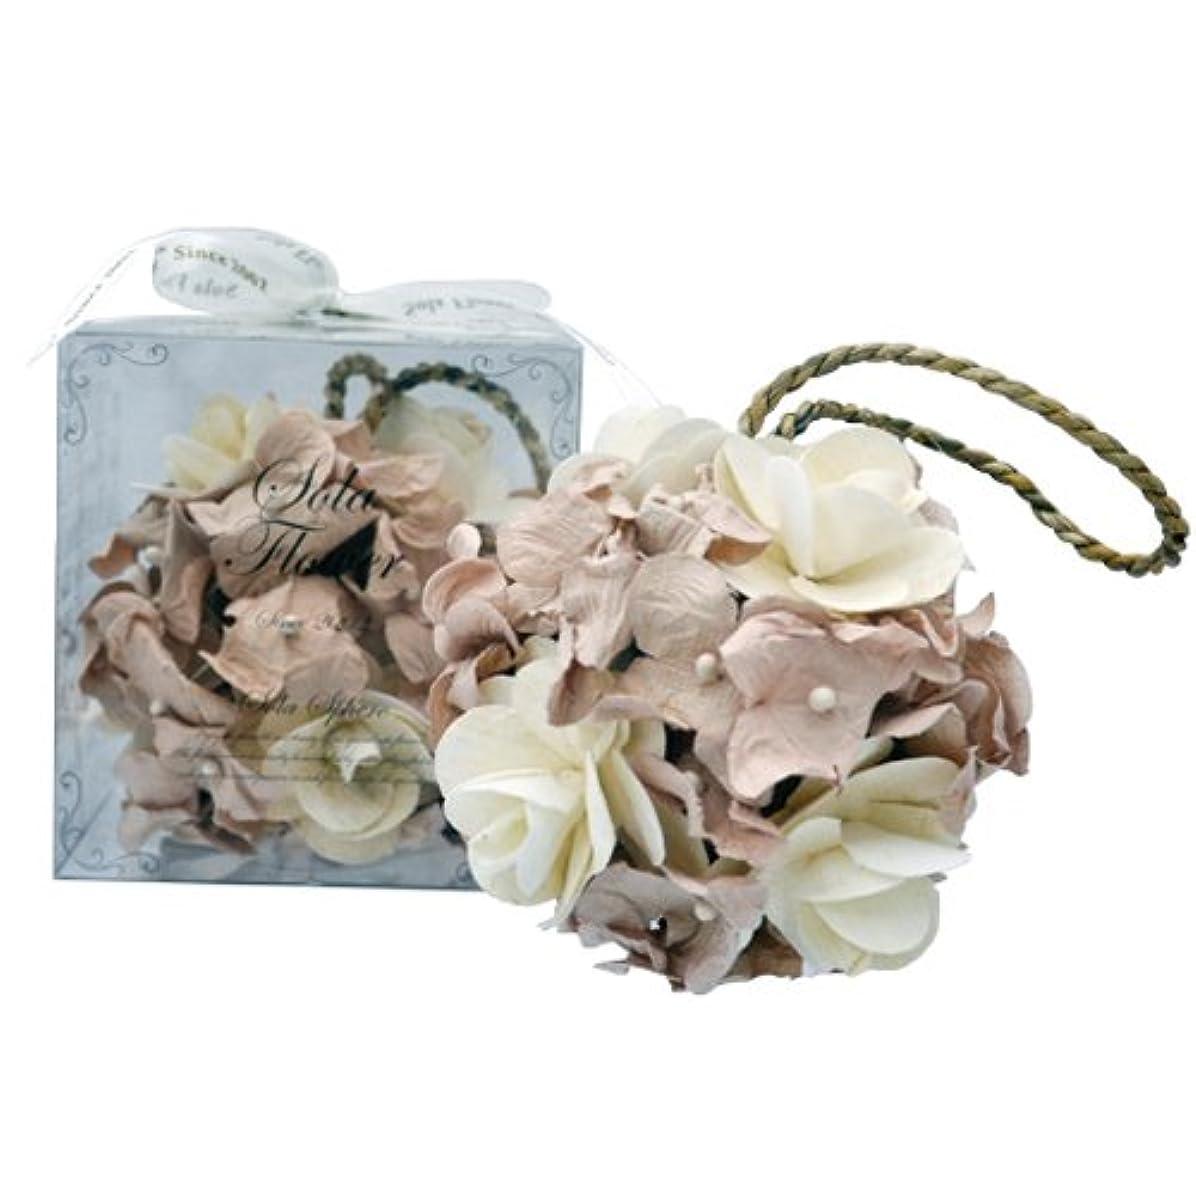 政治家の多数のトークnew Sola Flower ソラフラワー スフィア Original Rose オリジナルローズ Sphere